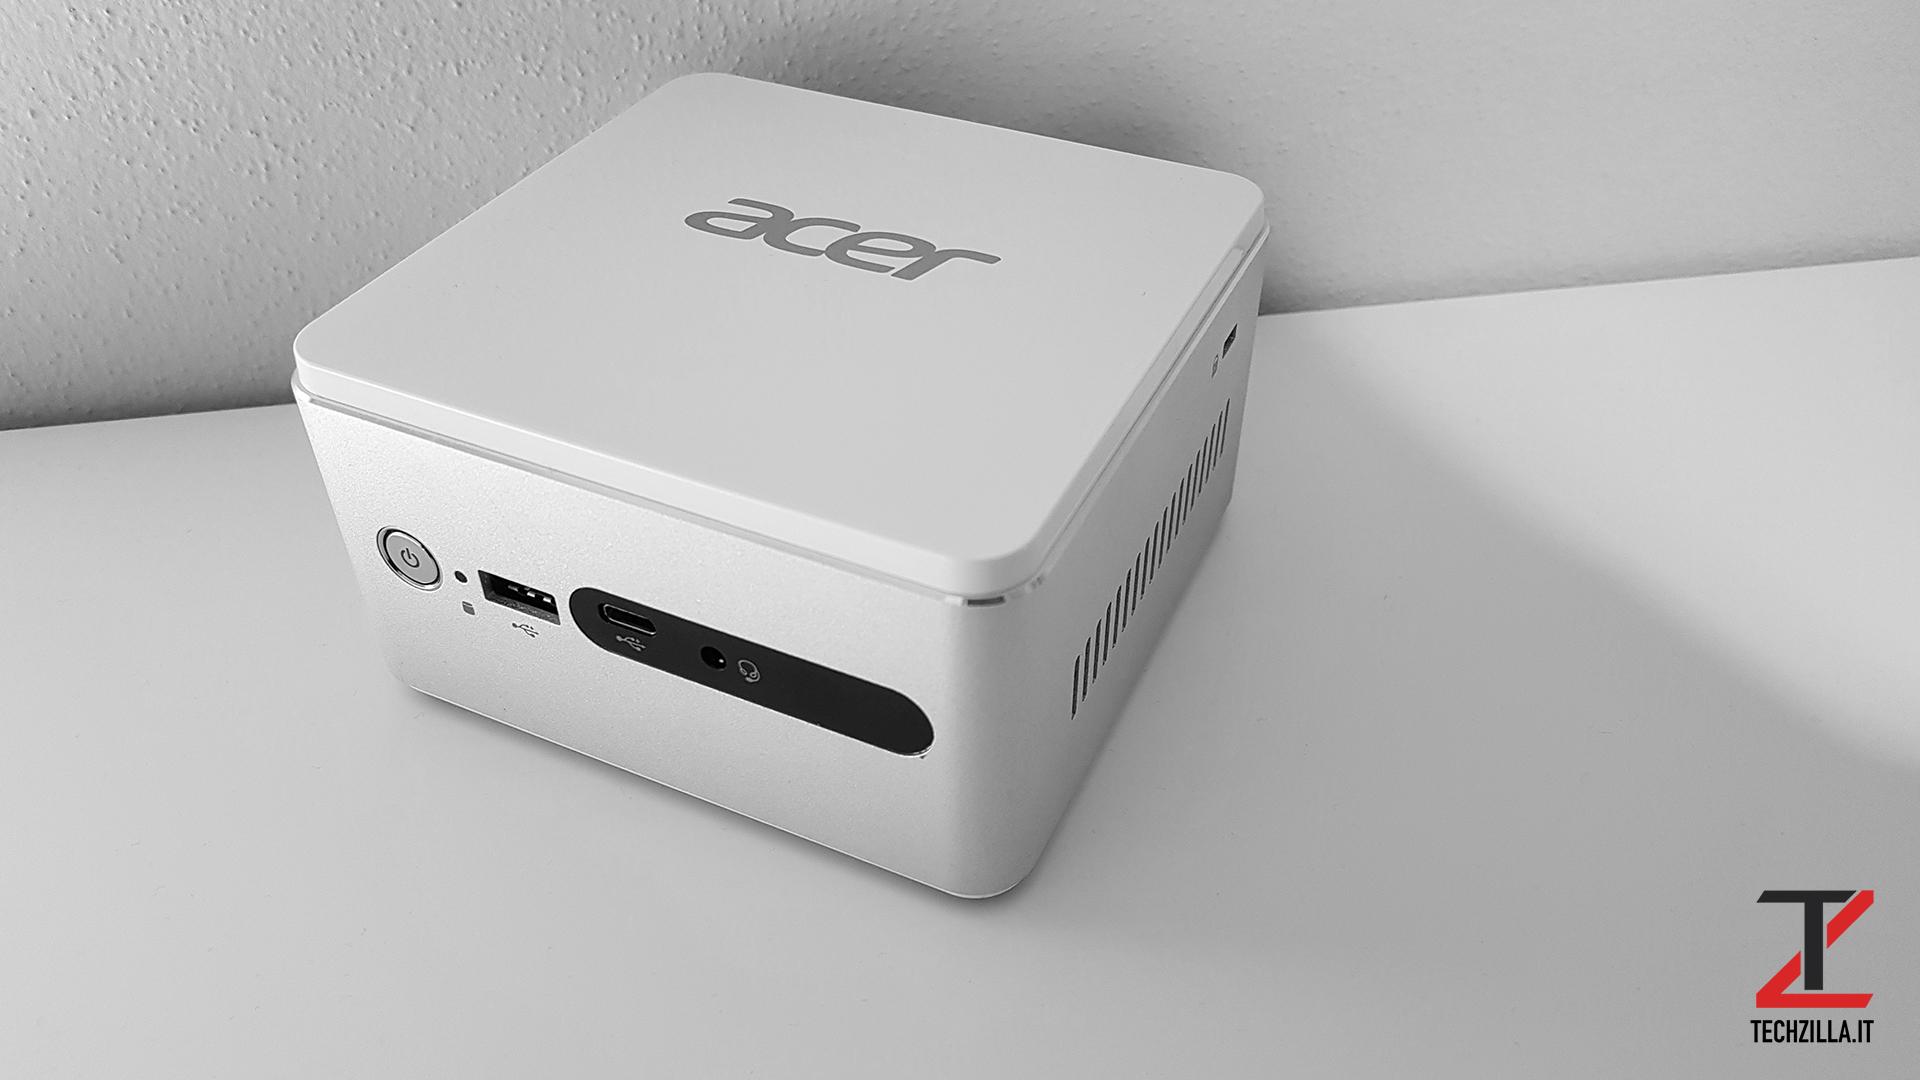 Acer Revo Cube Evidenza